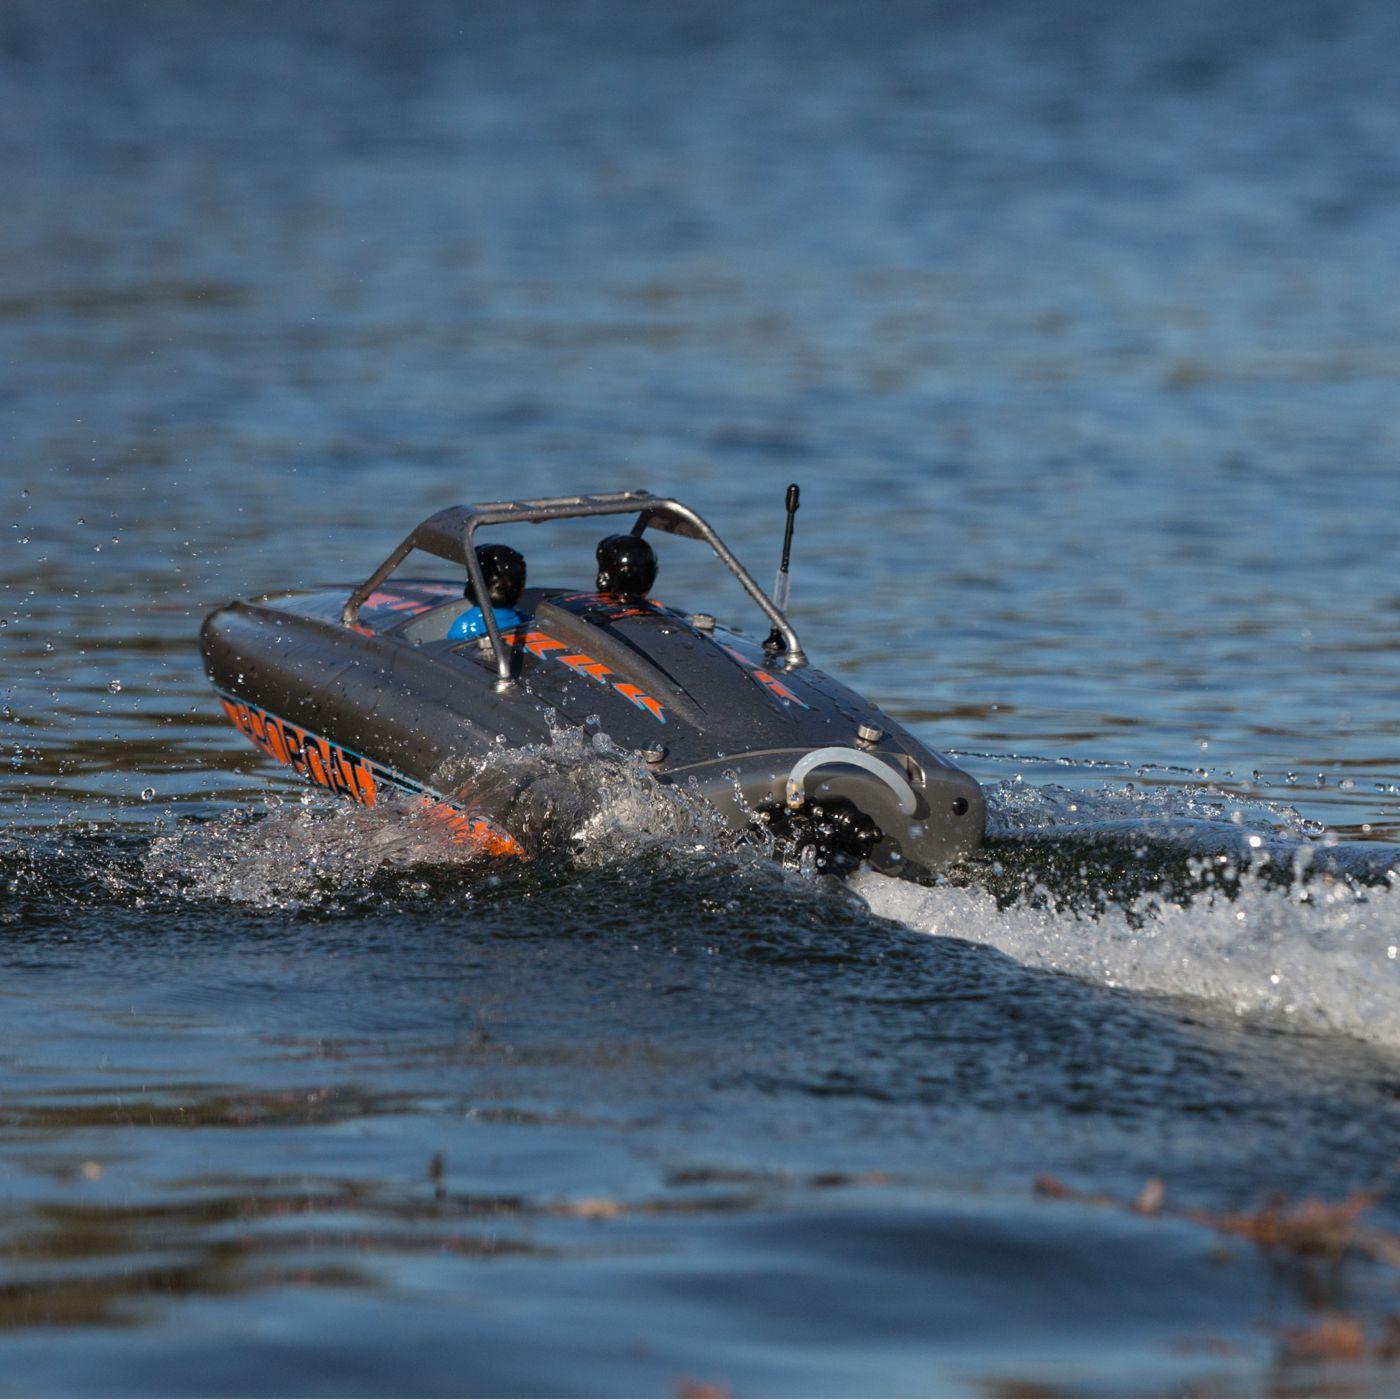 Proboat River Jet Boat motoscafo turbina rtr 05